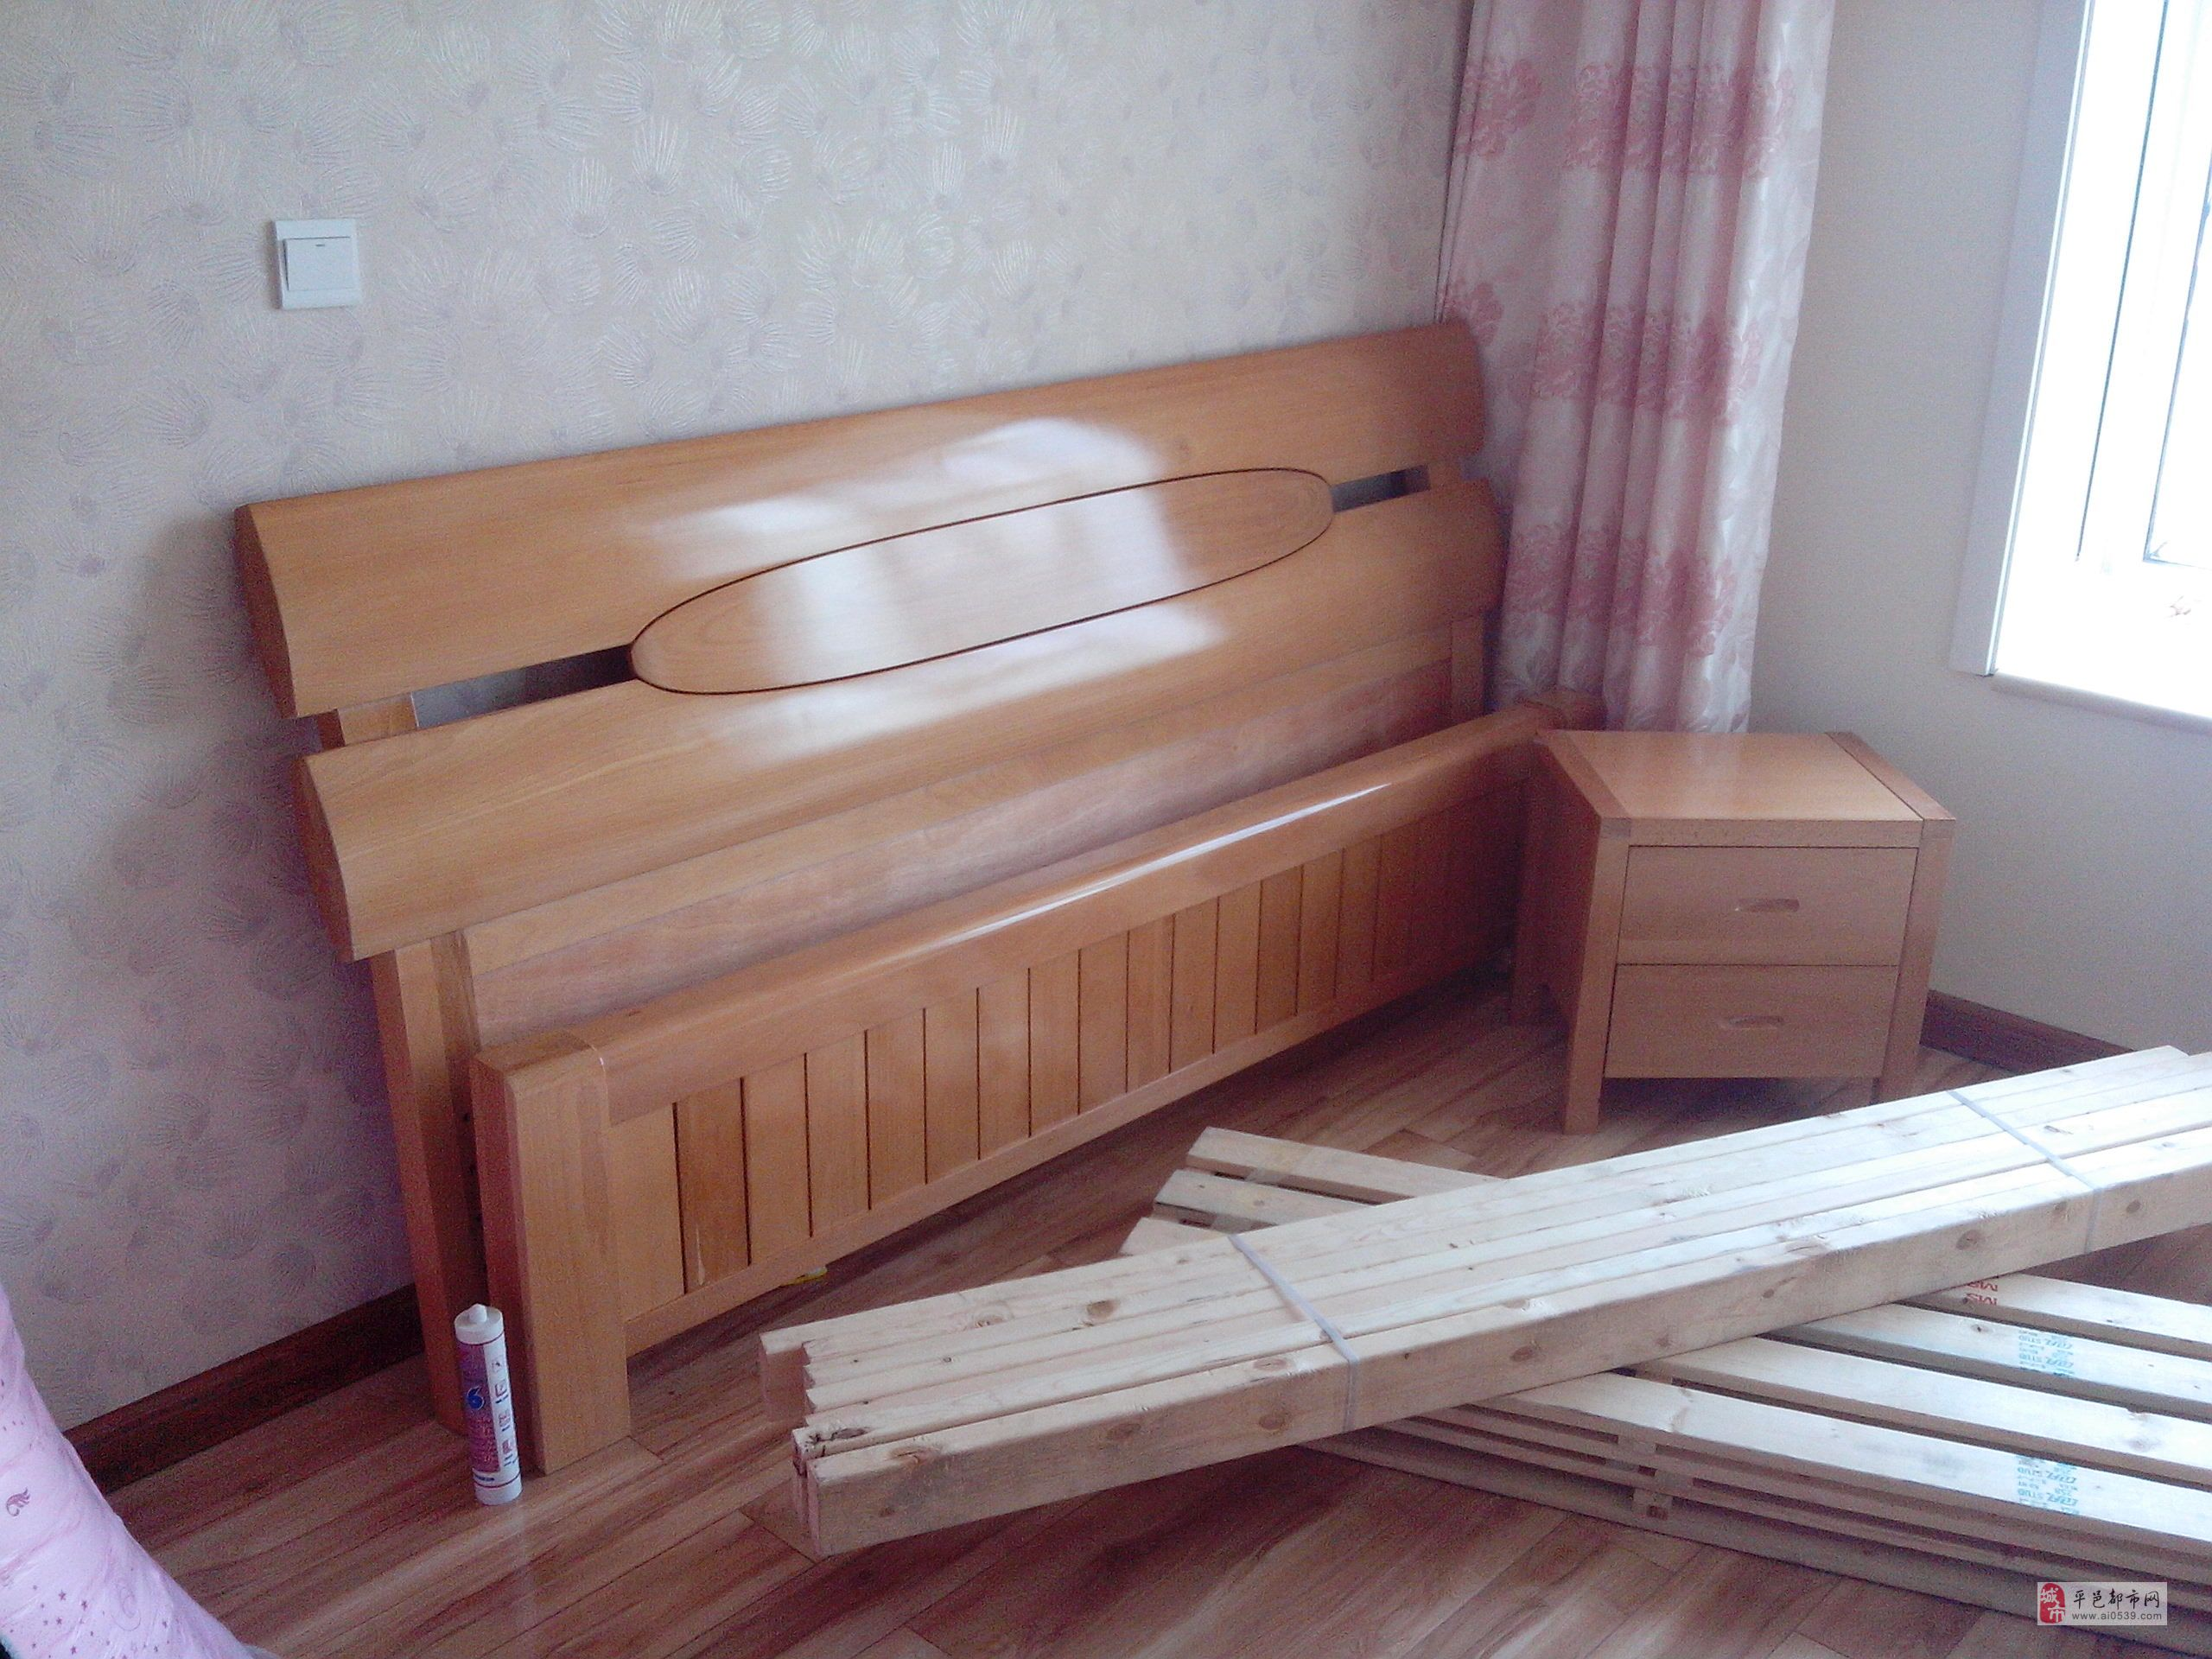 櫸木床一張